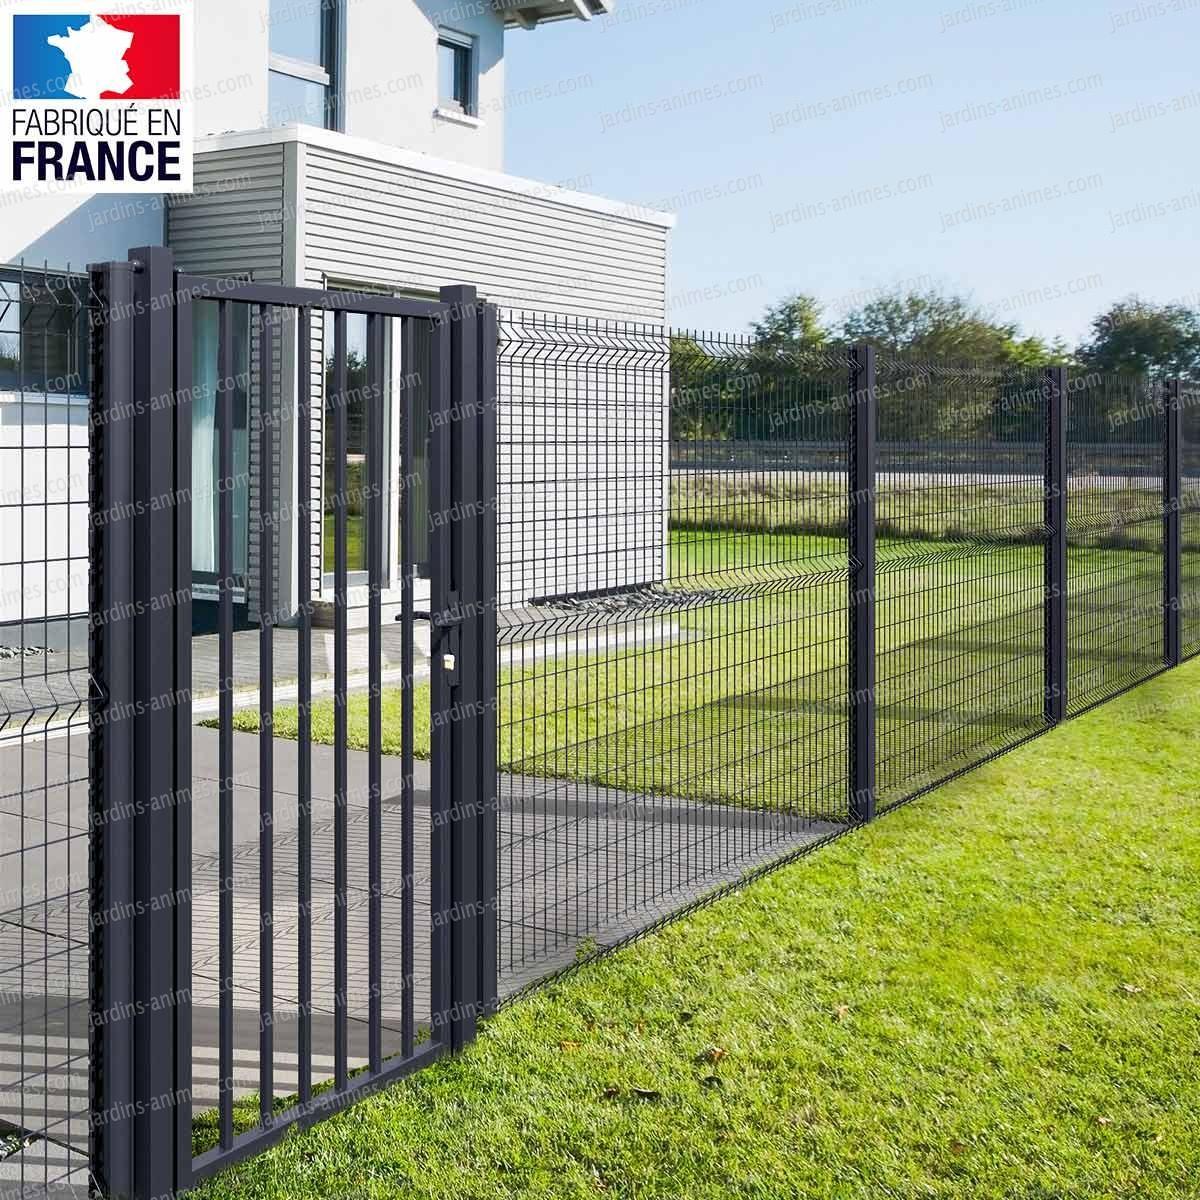 Clôture Grillage Rigide - Maille 10X5.5Cm, Gris intérieur Cloture Jardin Grillage Rigide